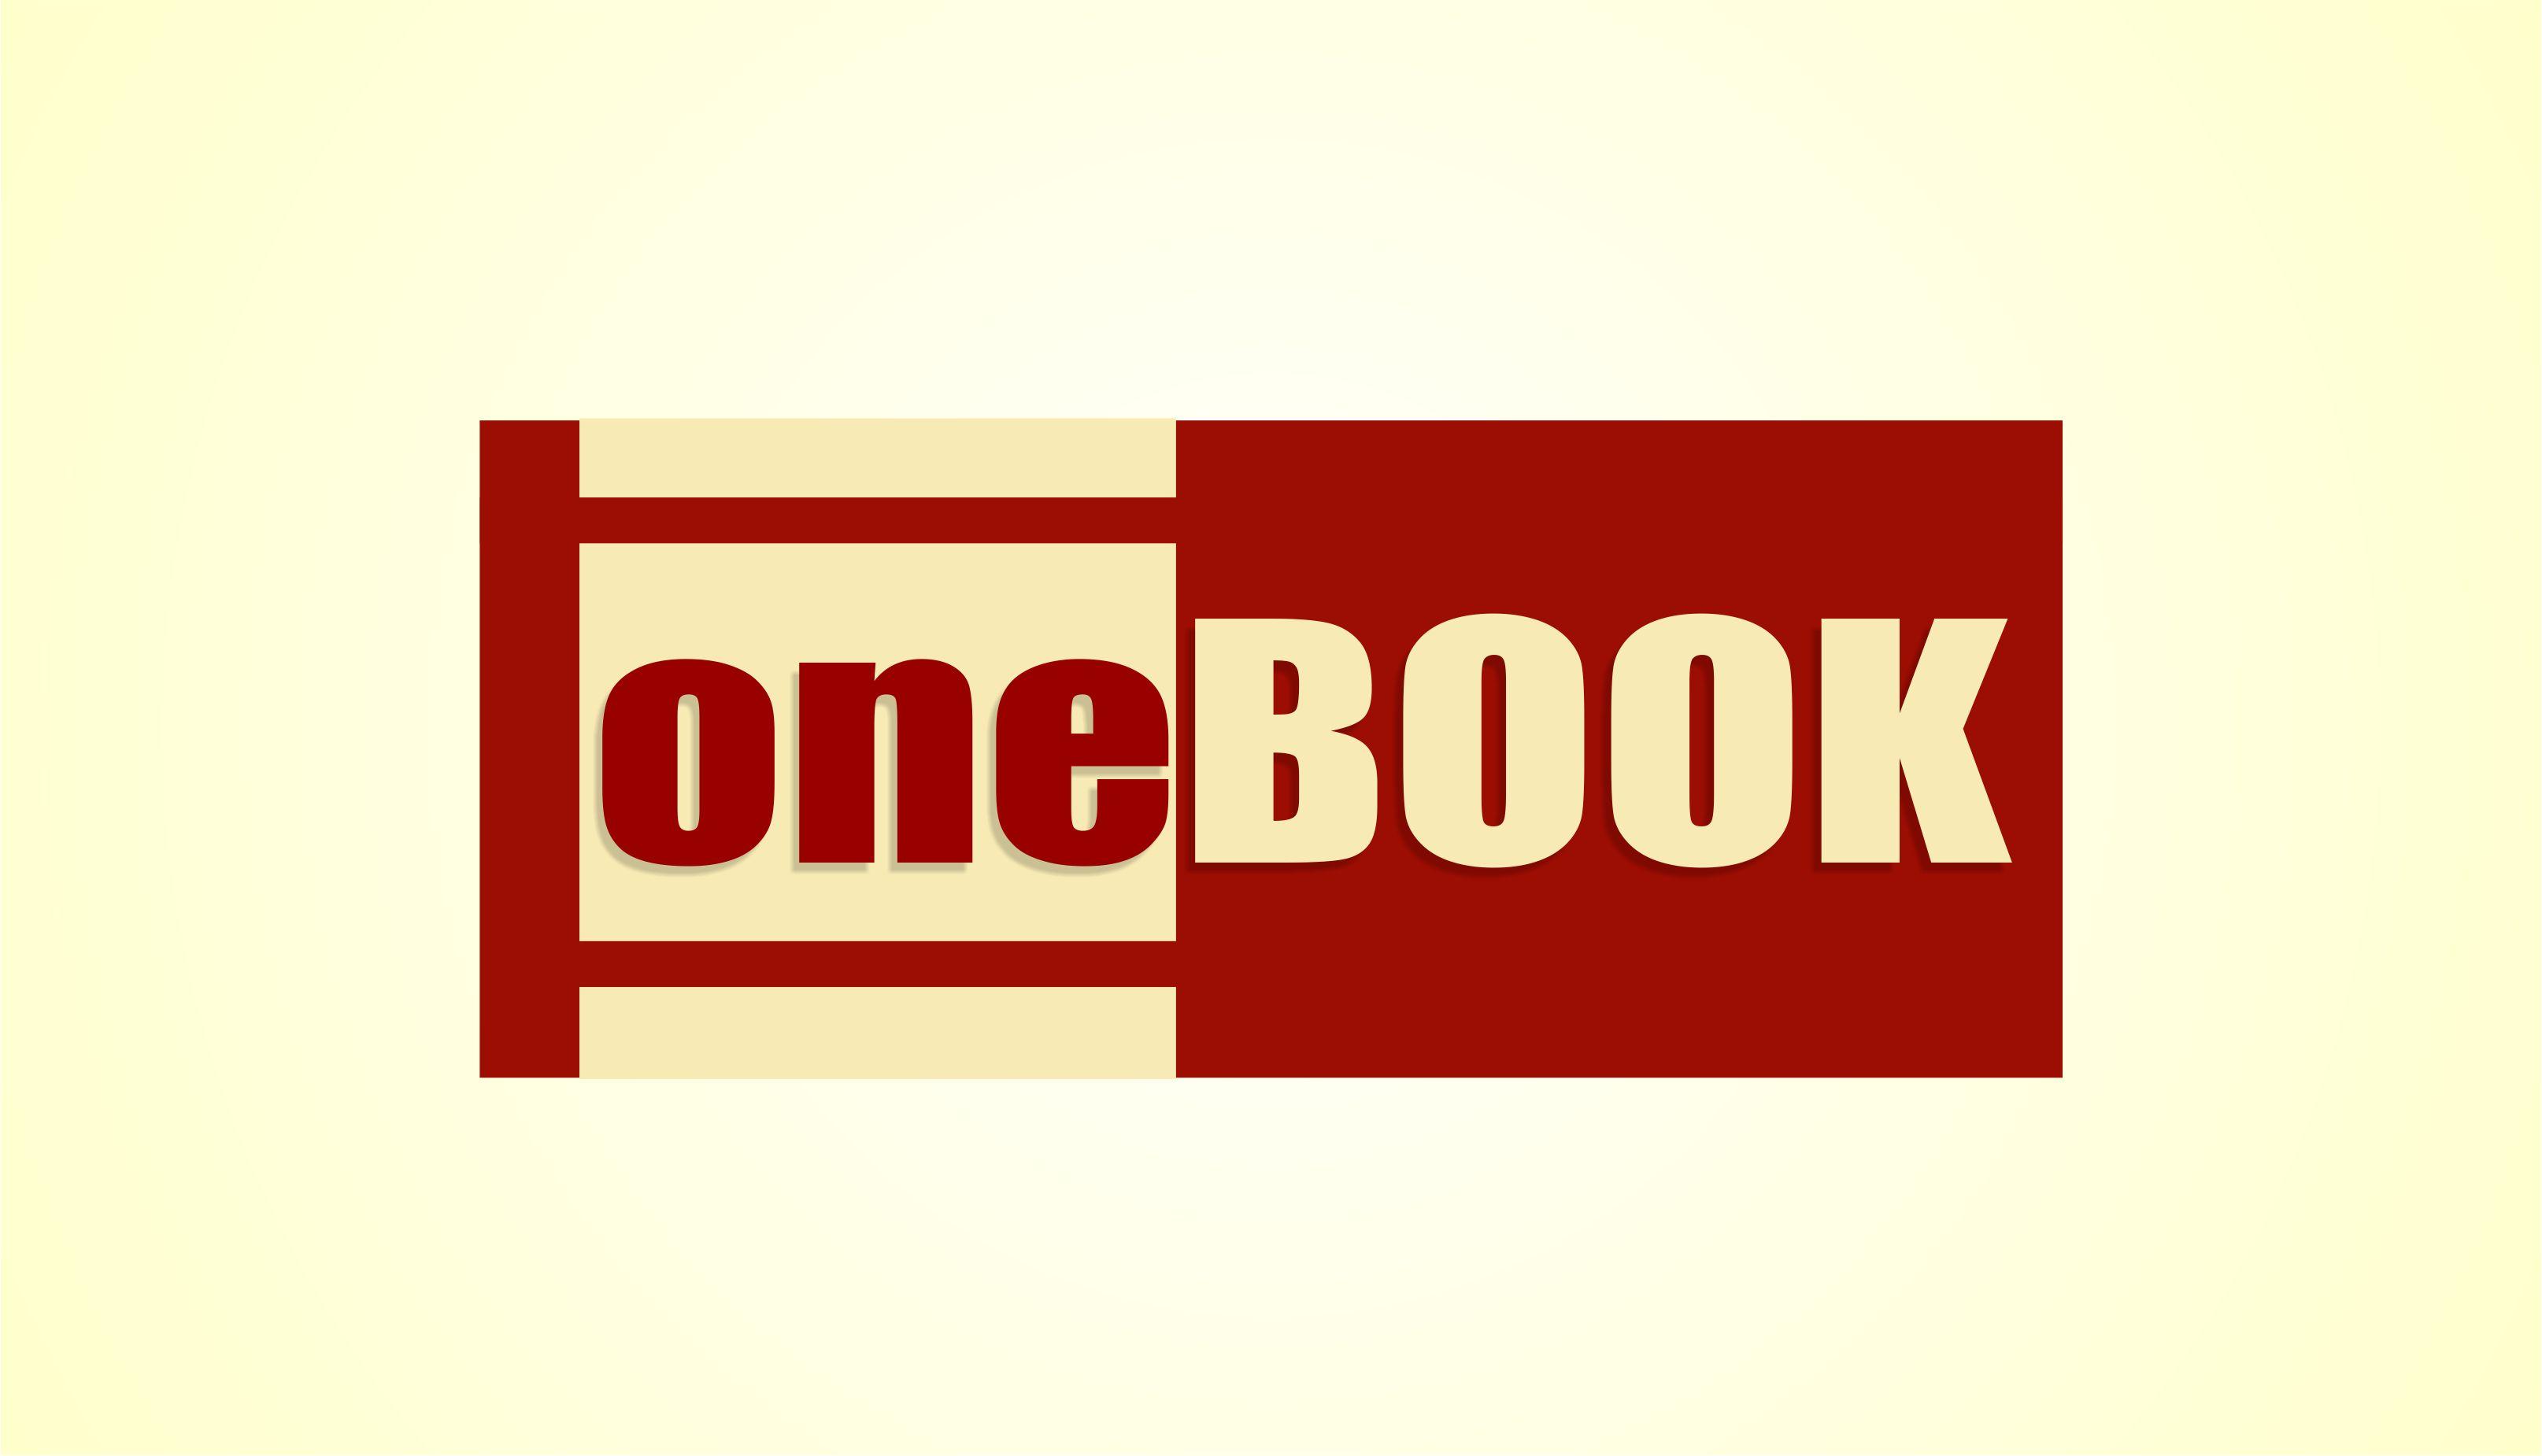 Логотип для цифровой книжной типографии. фото f_4cbef2091c309.jpg